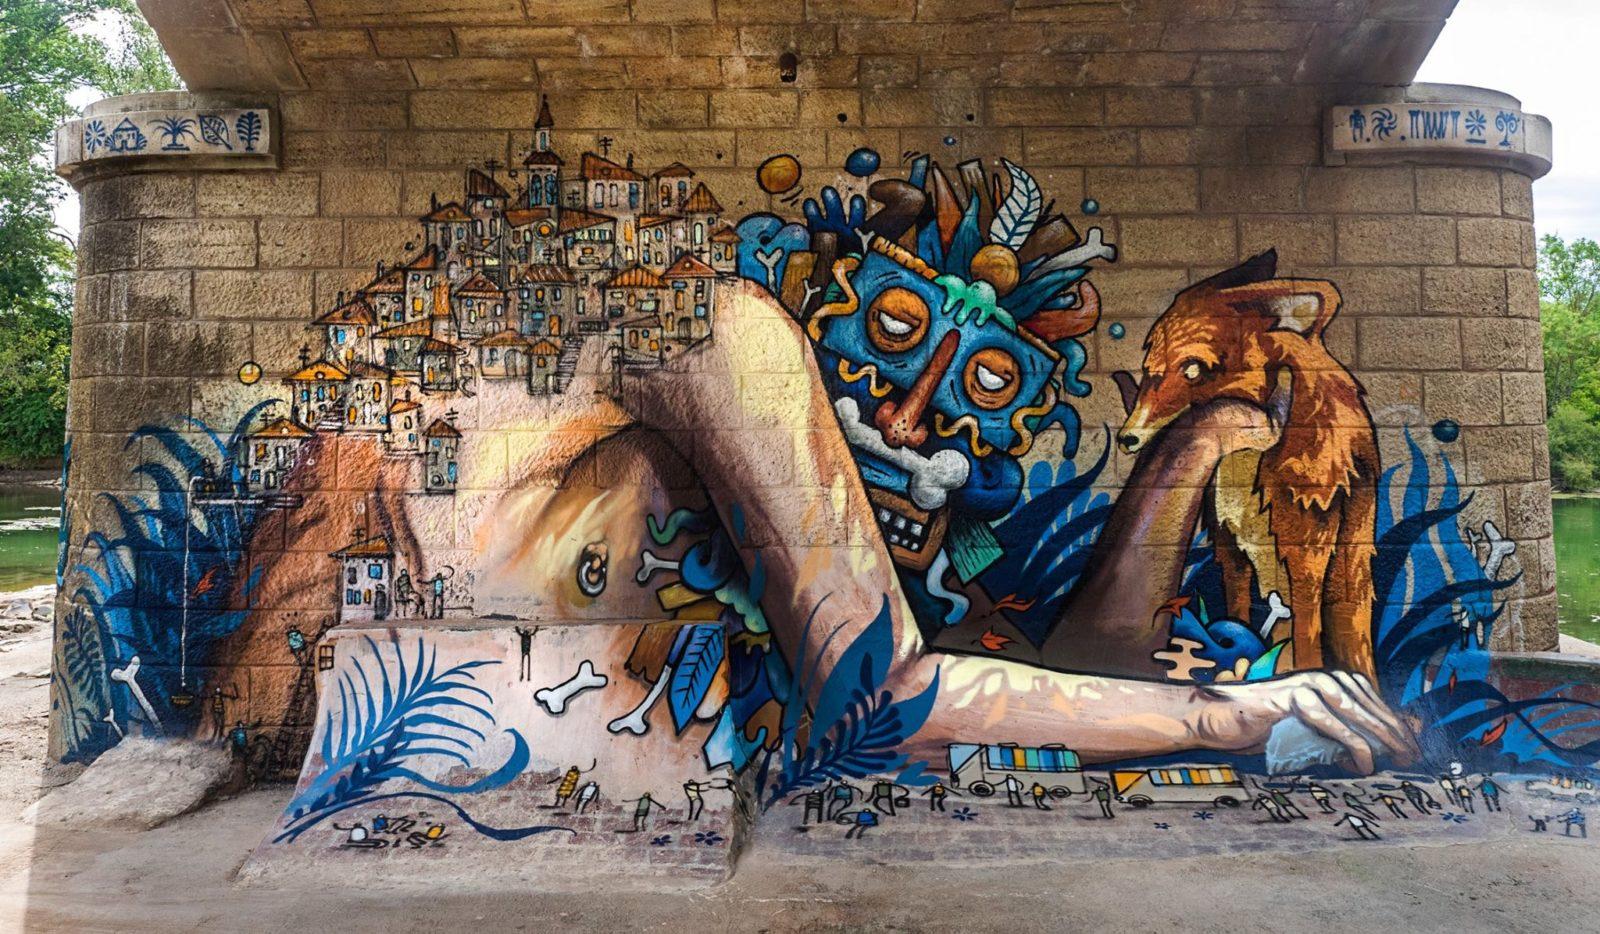 Iretge ulule radar argentique livre projet soutien murale fresque - Des idées de cadeaux cools à offrir à Noël aux amateurs de tendances urbaines